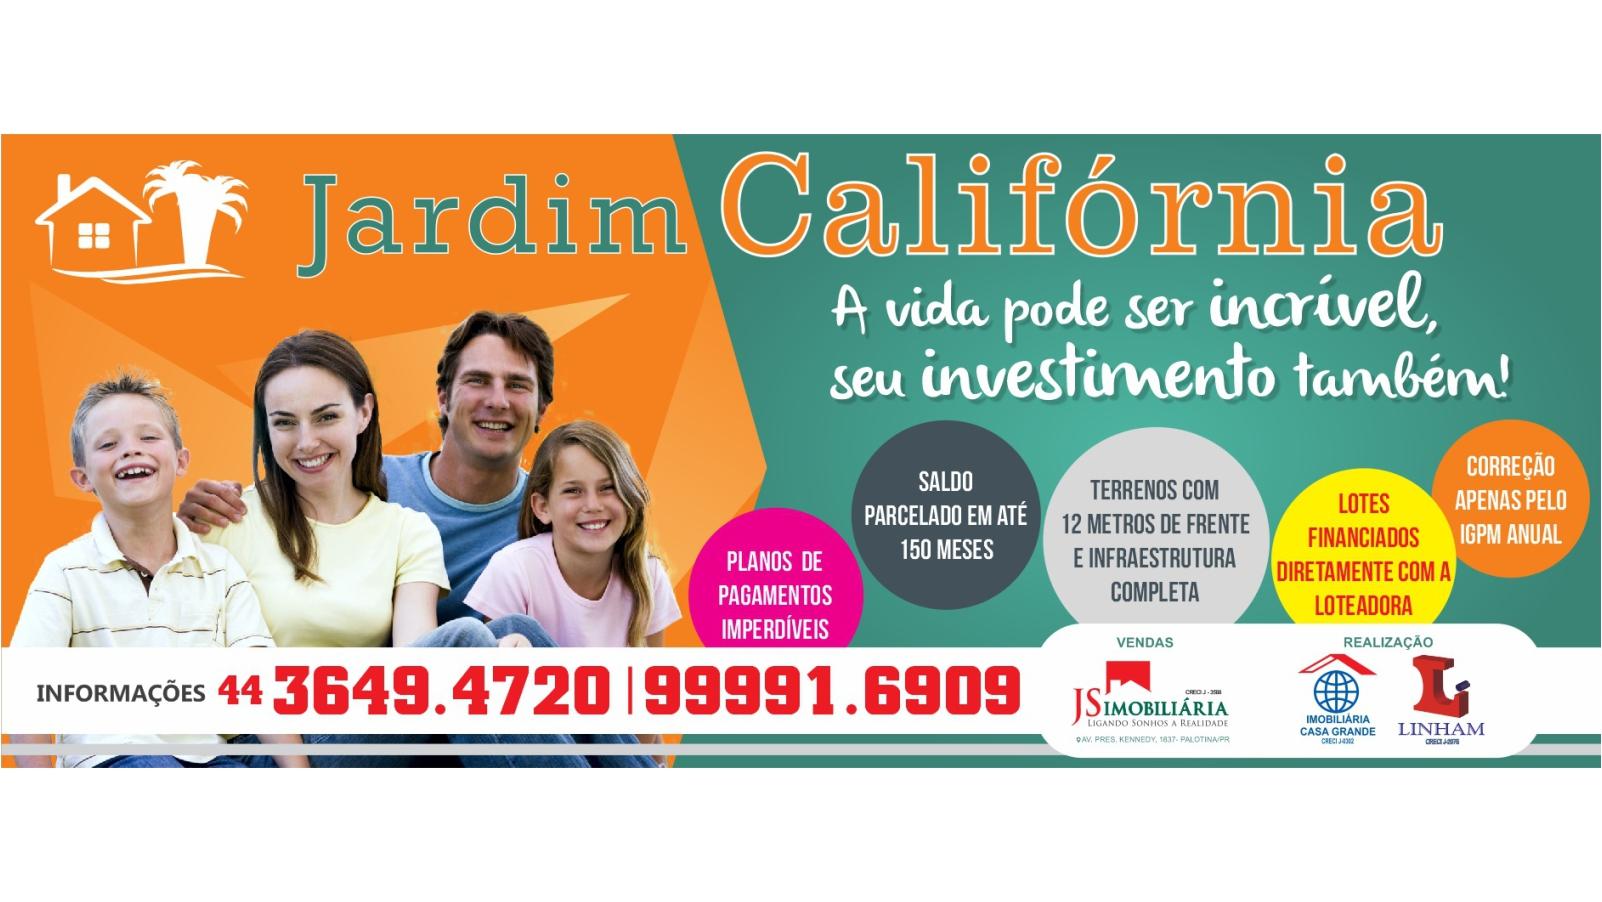 jd-california-palotina-03